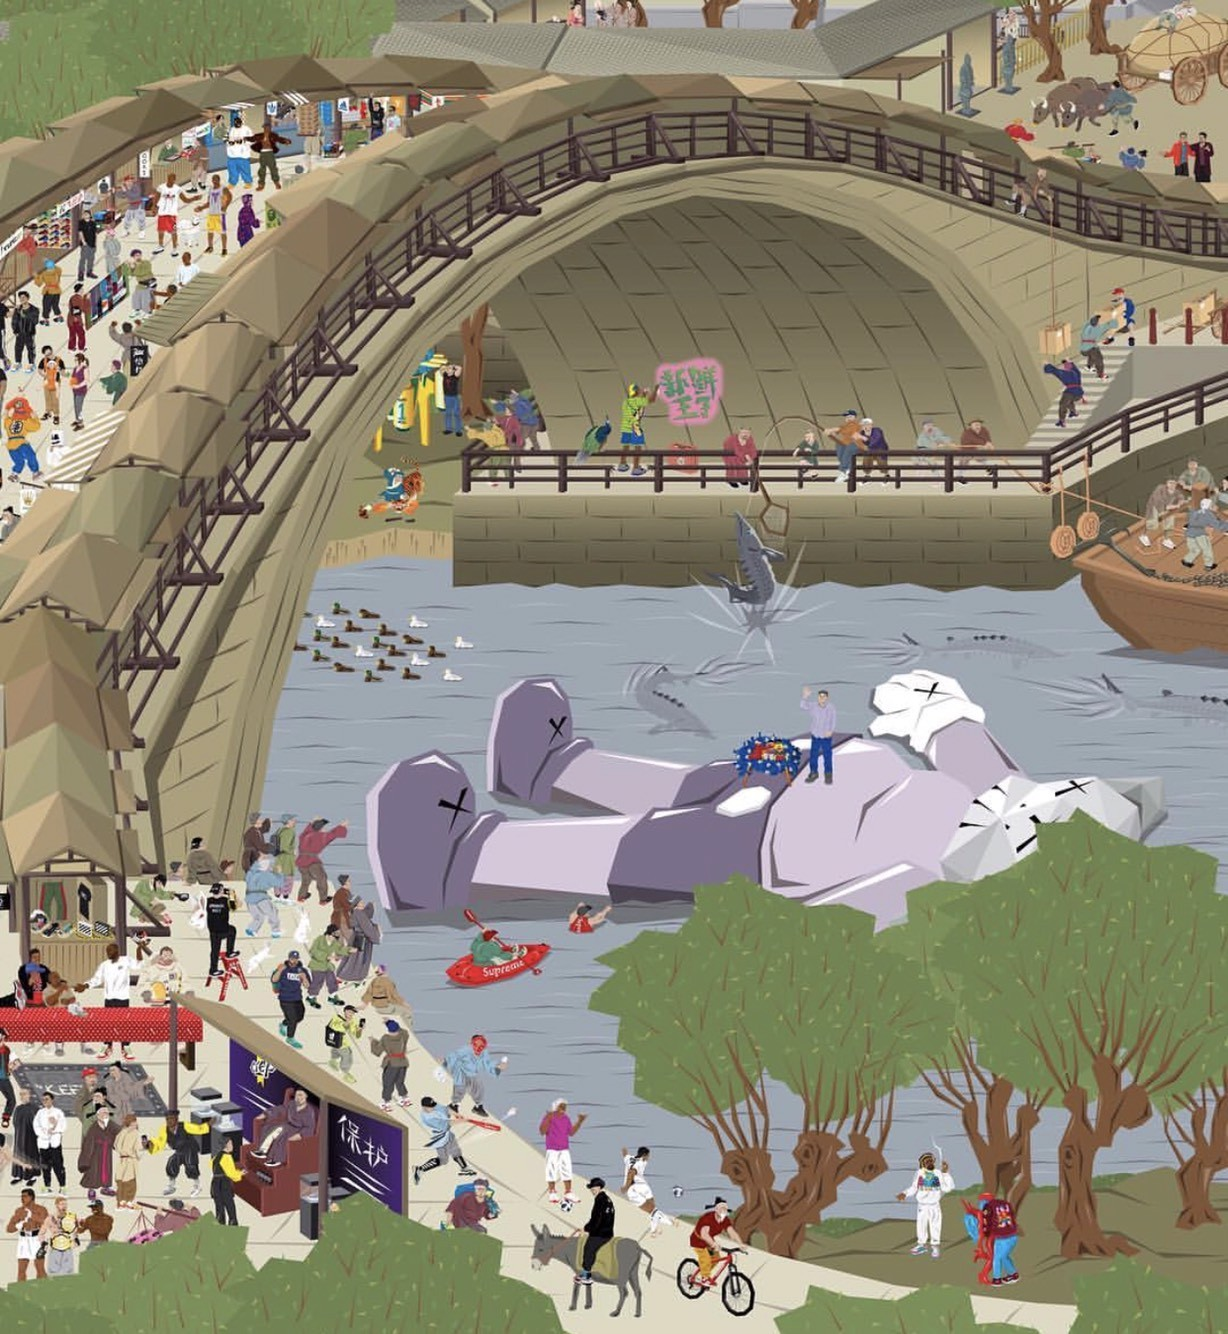 潮流版《清明上河图》细节满满 乔丹与Kobe超帅现身,还有Supreme龙舟大赛